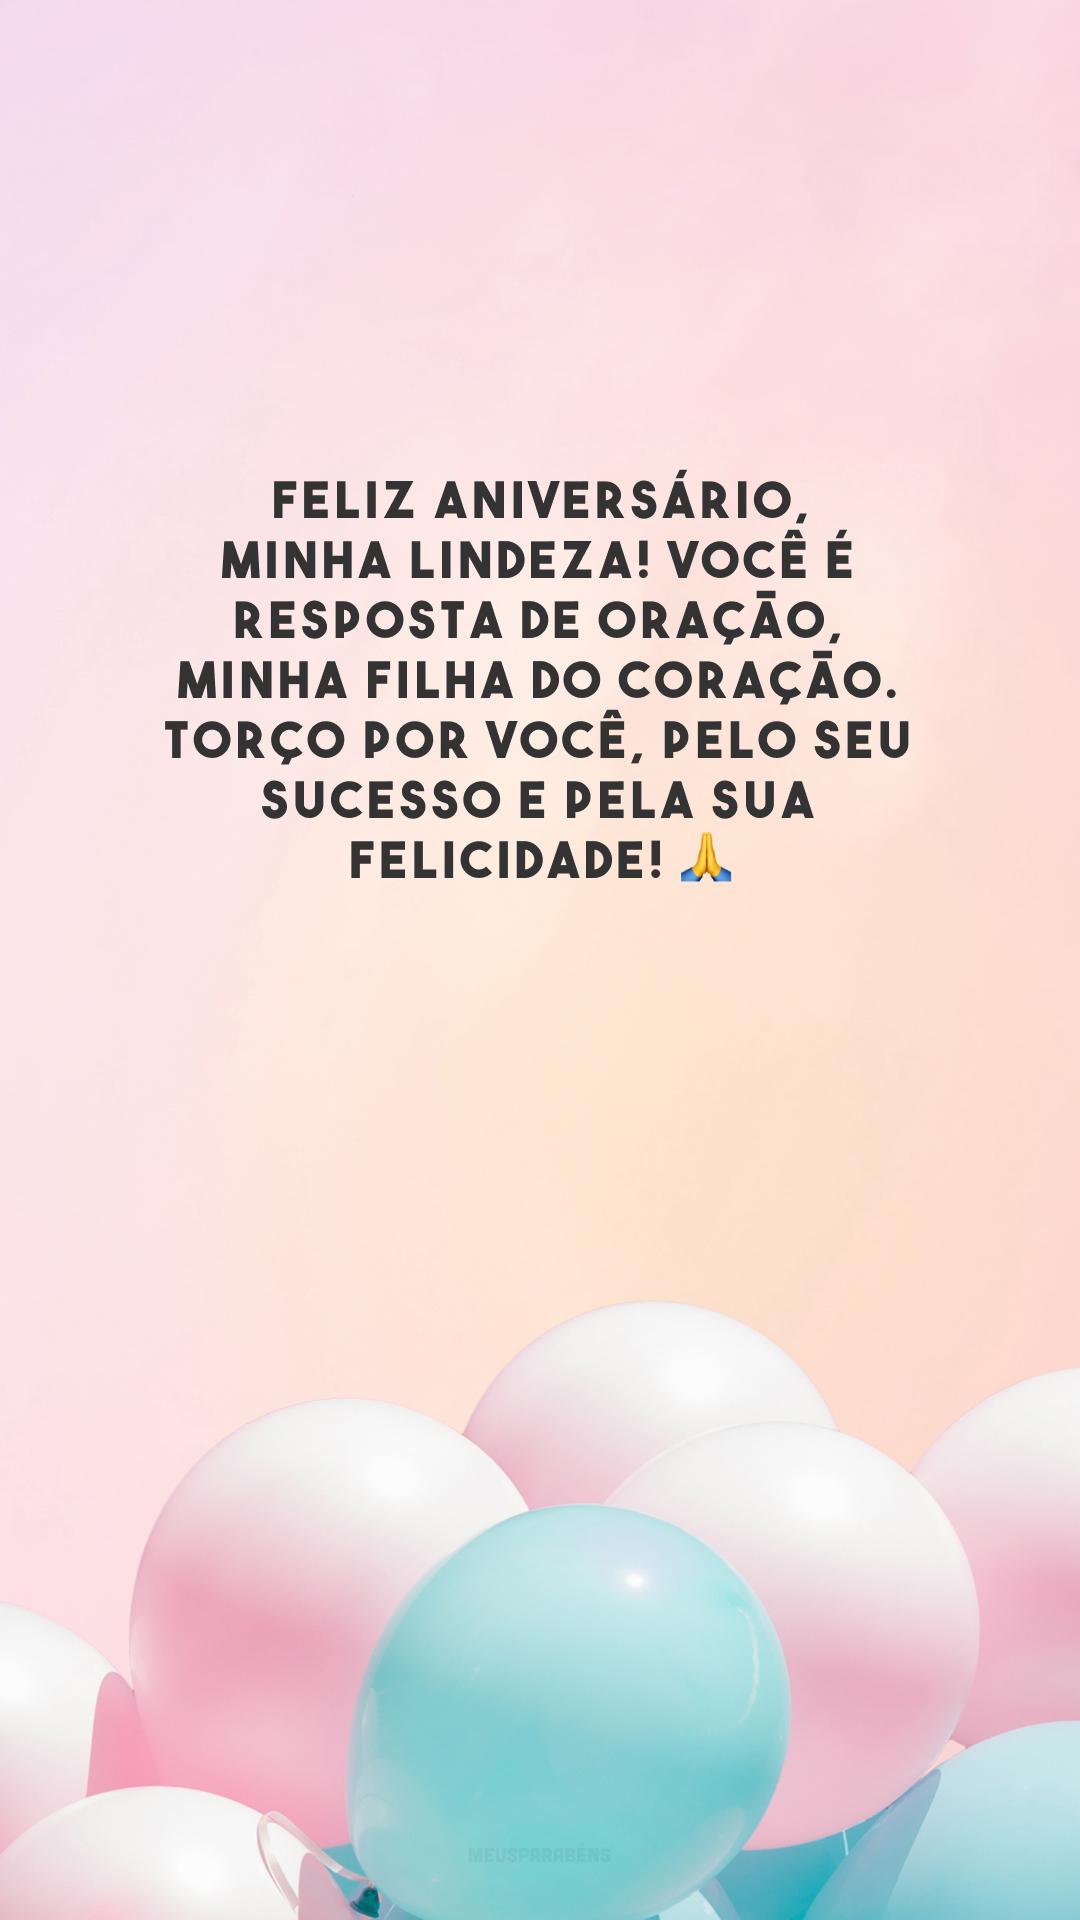 Feliz aniversário, minha lindeza! Você é resposta de oração, minha filha do coração. Torço por você, pelo seu sucesso e pela sua felicidade! 🙏